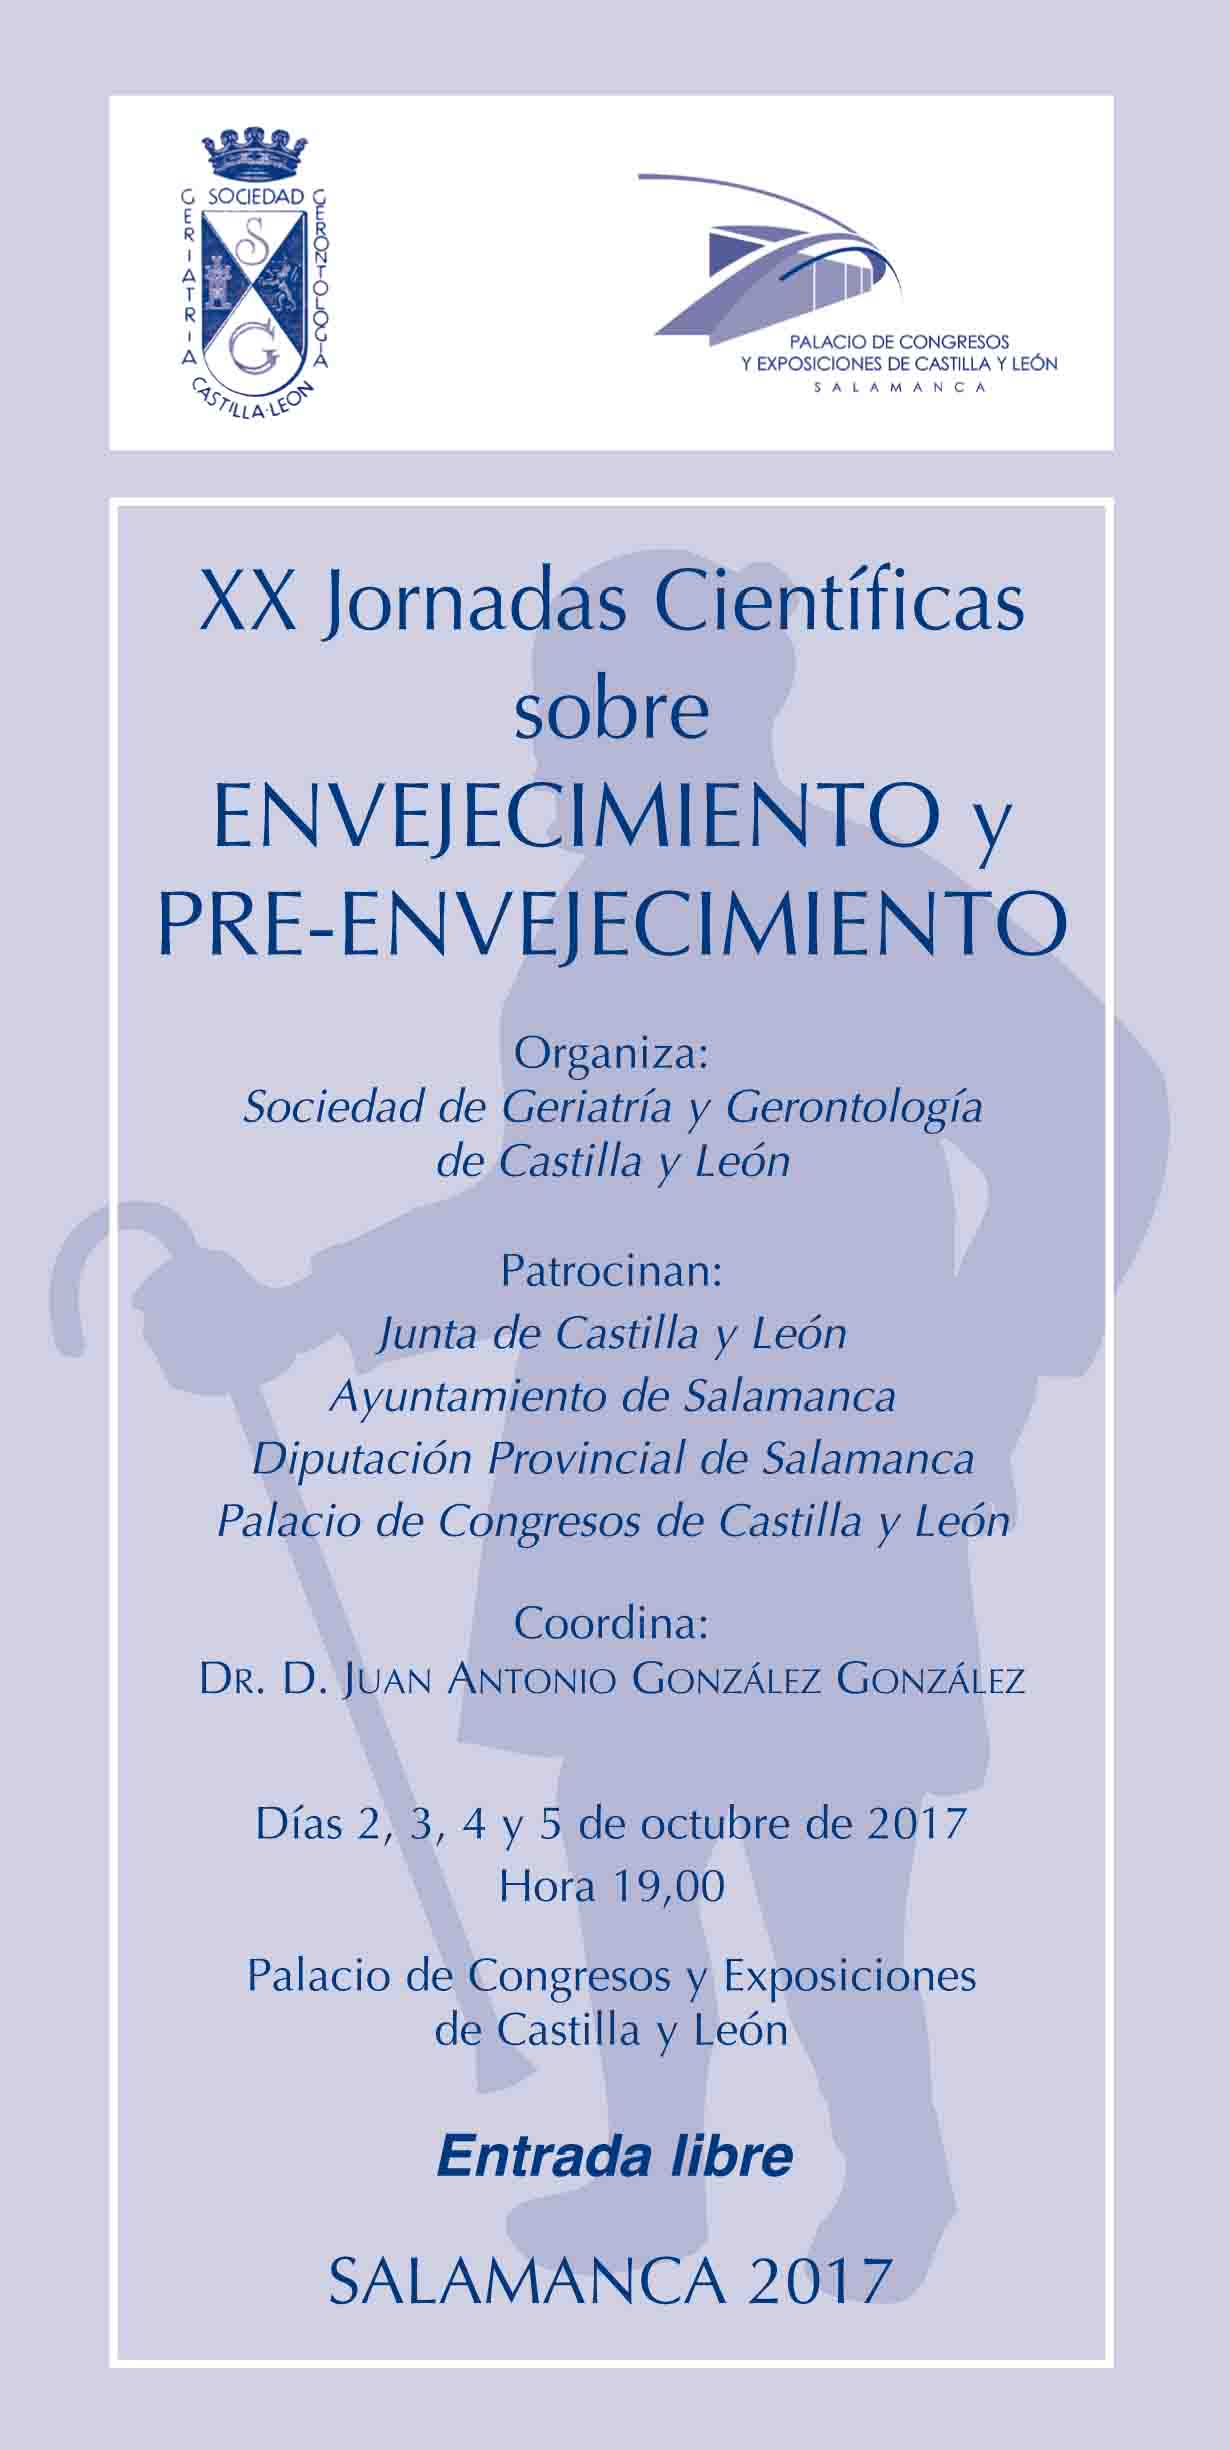 XX Jornadas Científicas sobre Envejecimiento y Pre-Envejecimiento Palacio de Congresos y Exposiciones Salamanca Octubre 2017